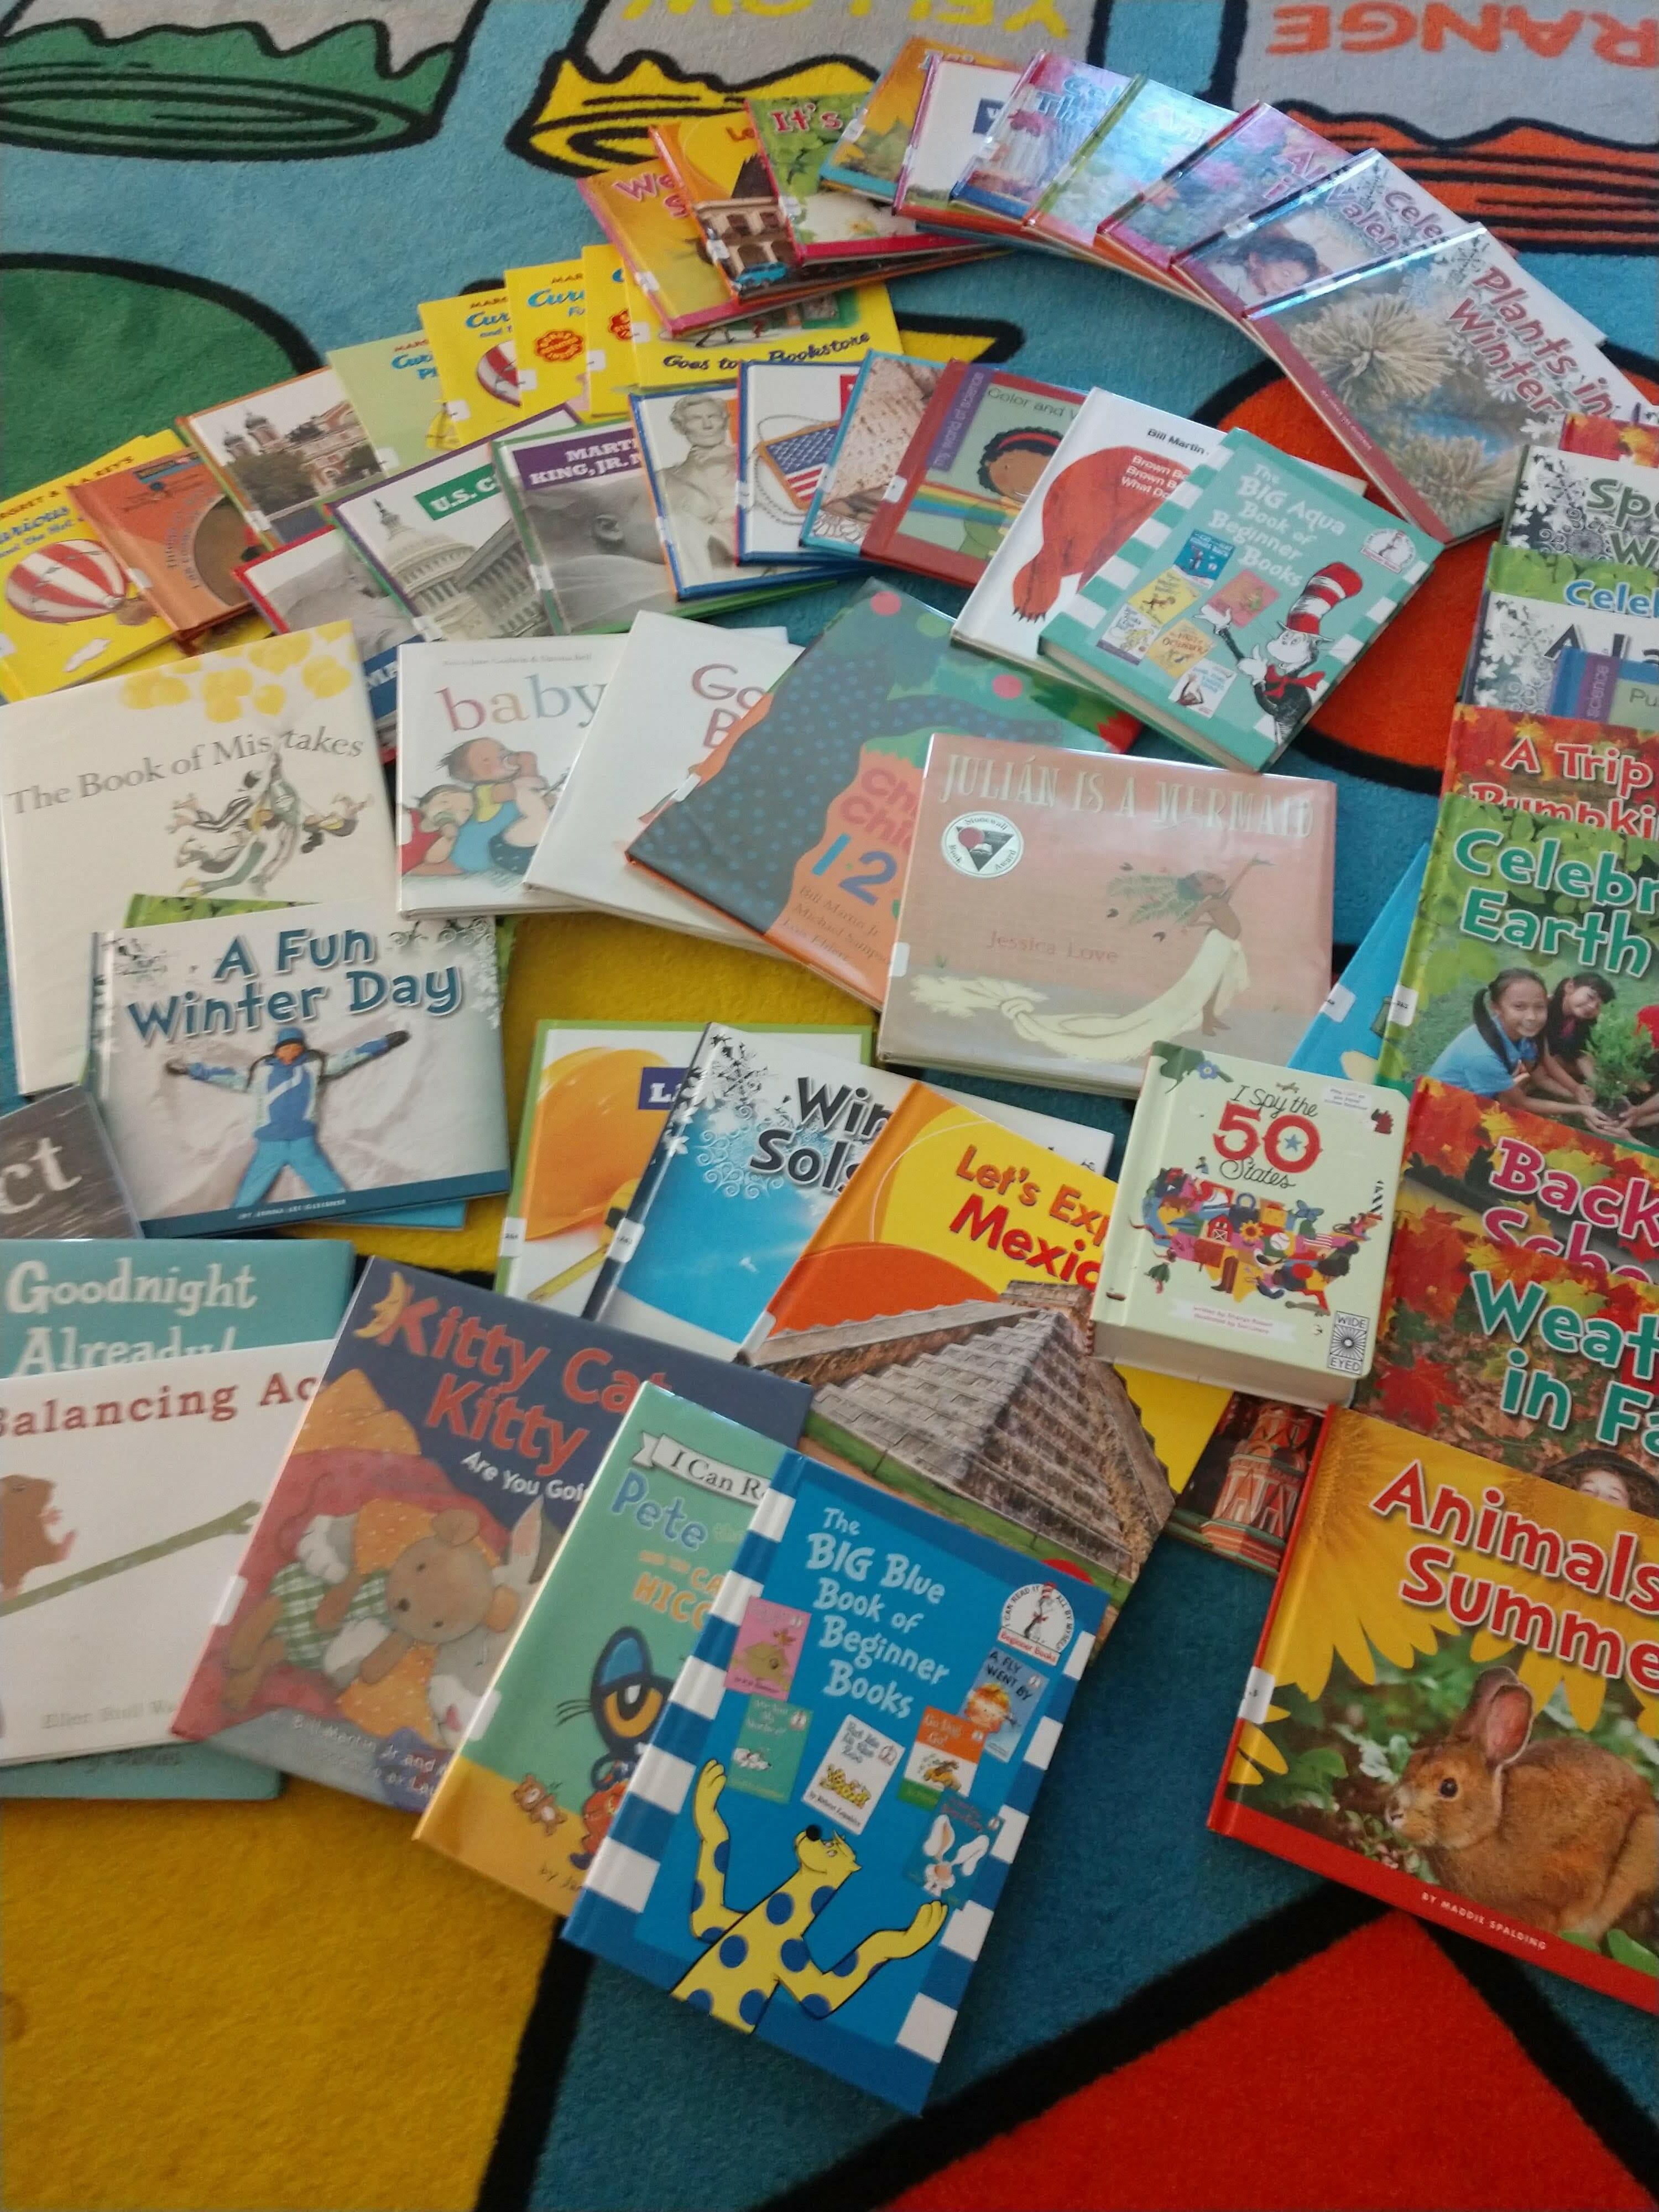 Children's books at the Pouhgkeepsie ELC.